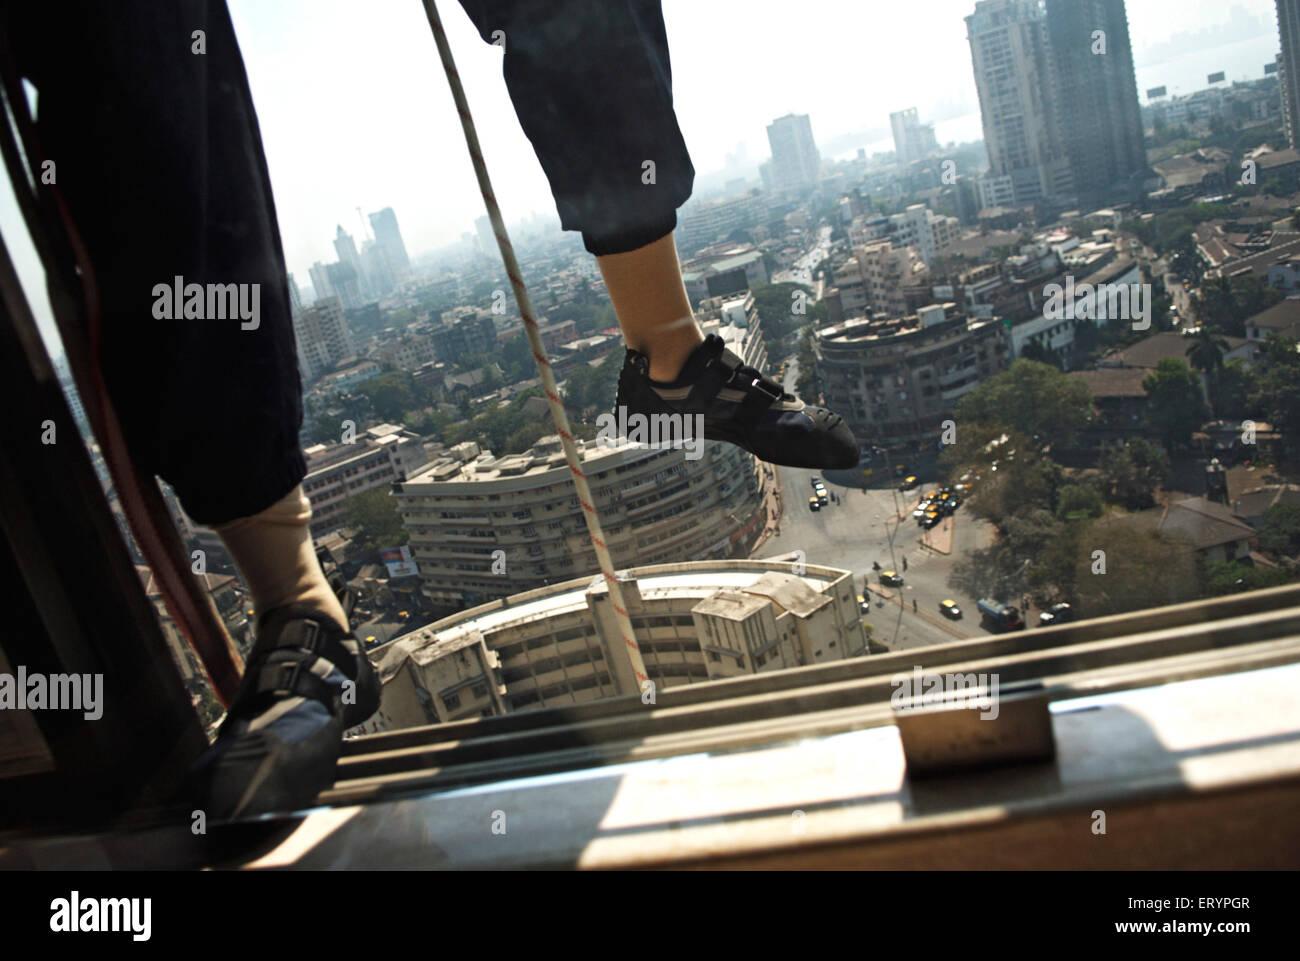 Worker tries to climb on building ; Bombay Mumbai  ; Maharashtra  ; India 25 Jan 2009 - Stock Image